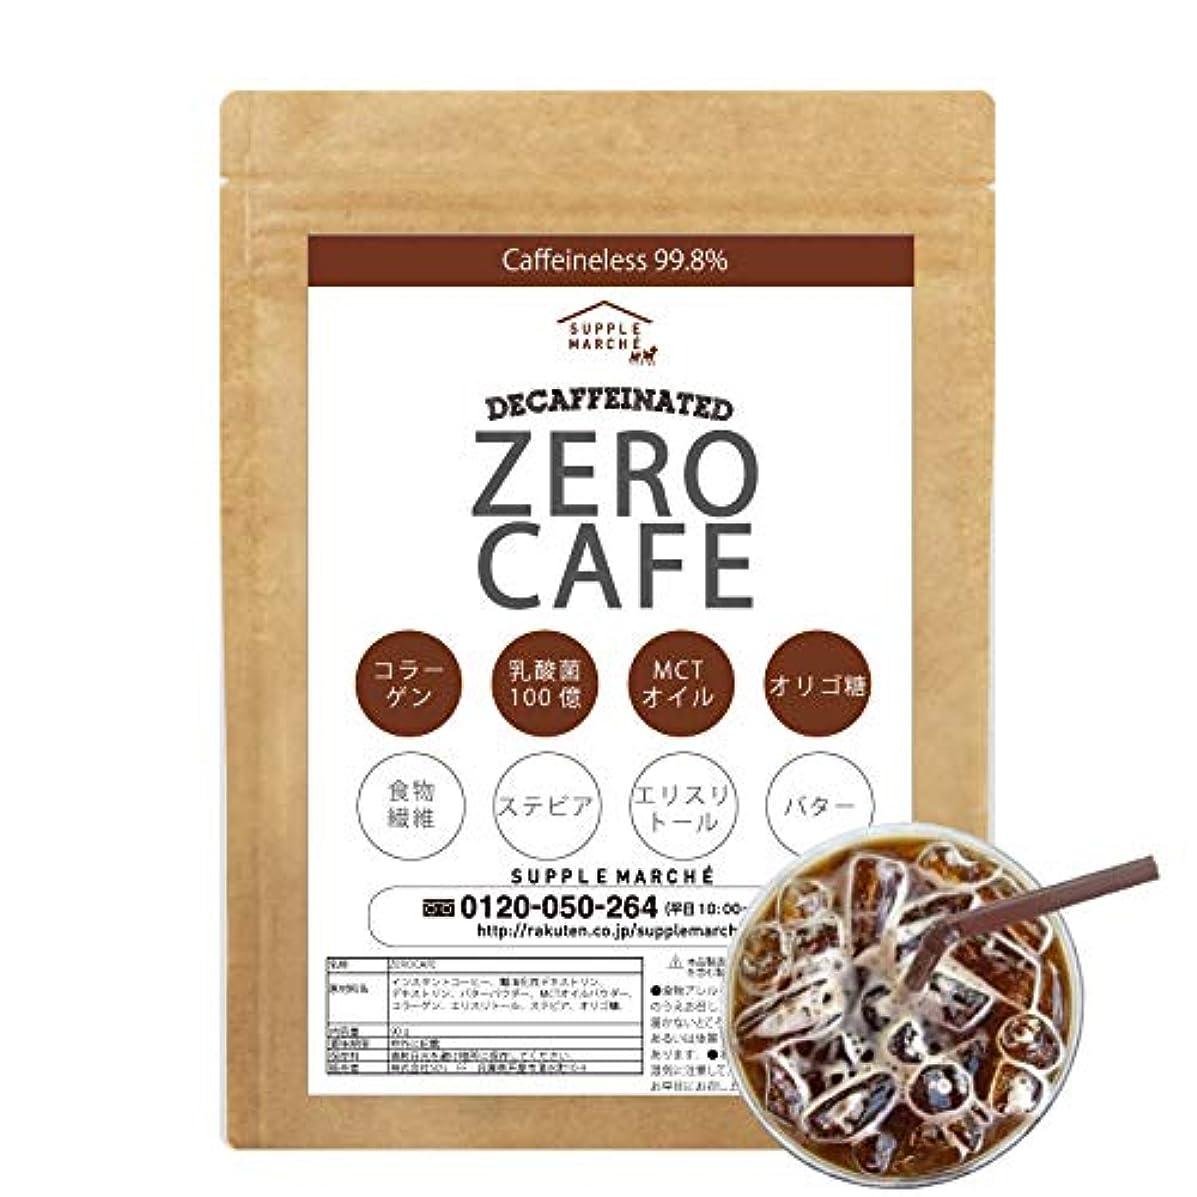 馬鹿げたブーム休戦ダイエットコーヒー デカフェ バターコーヒー 90g (約30杯) アイスコーヒー カフェインレス MCTオイル 乳酸菌 コラーゲン オリゴ糖 ダイエット シリコンバレー式